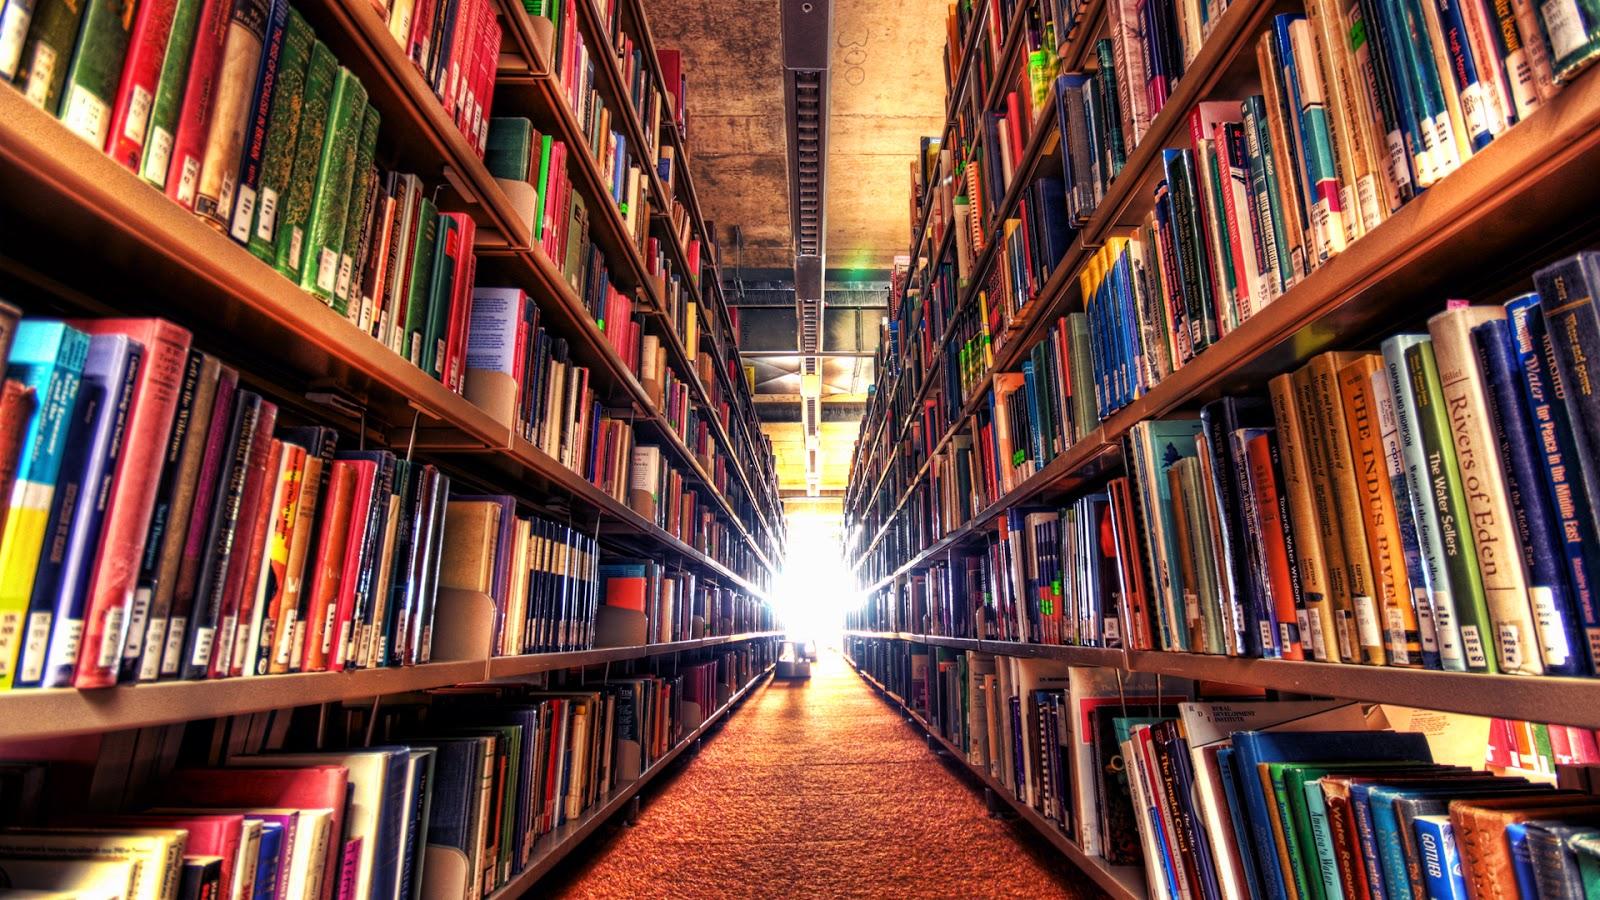 Libros en una biblioteca